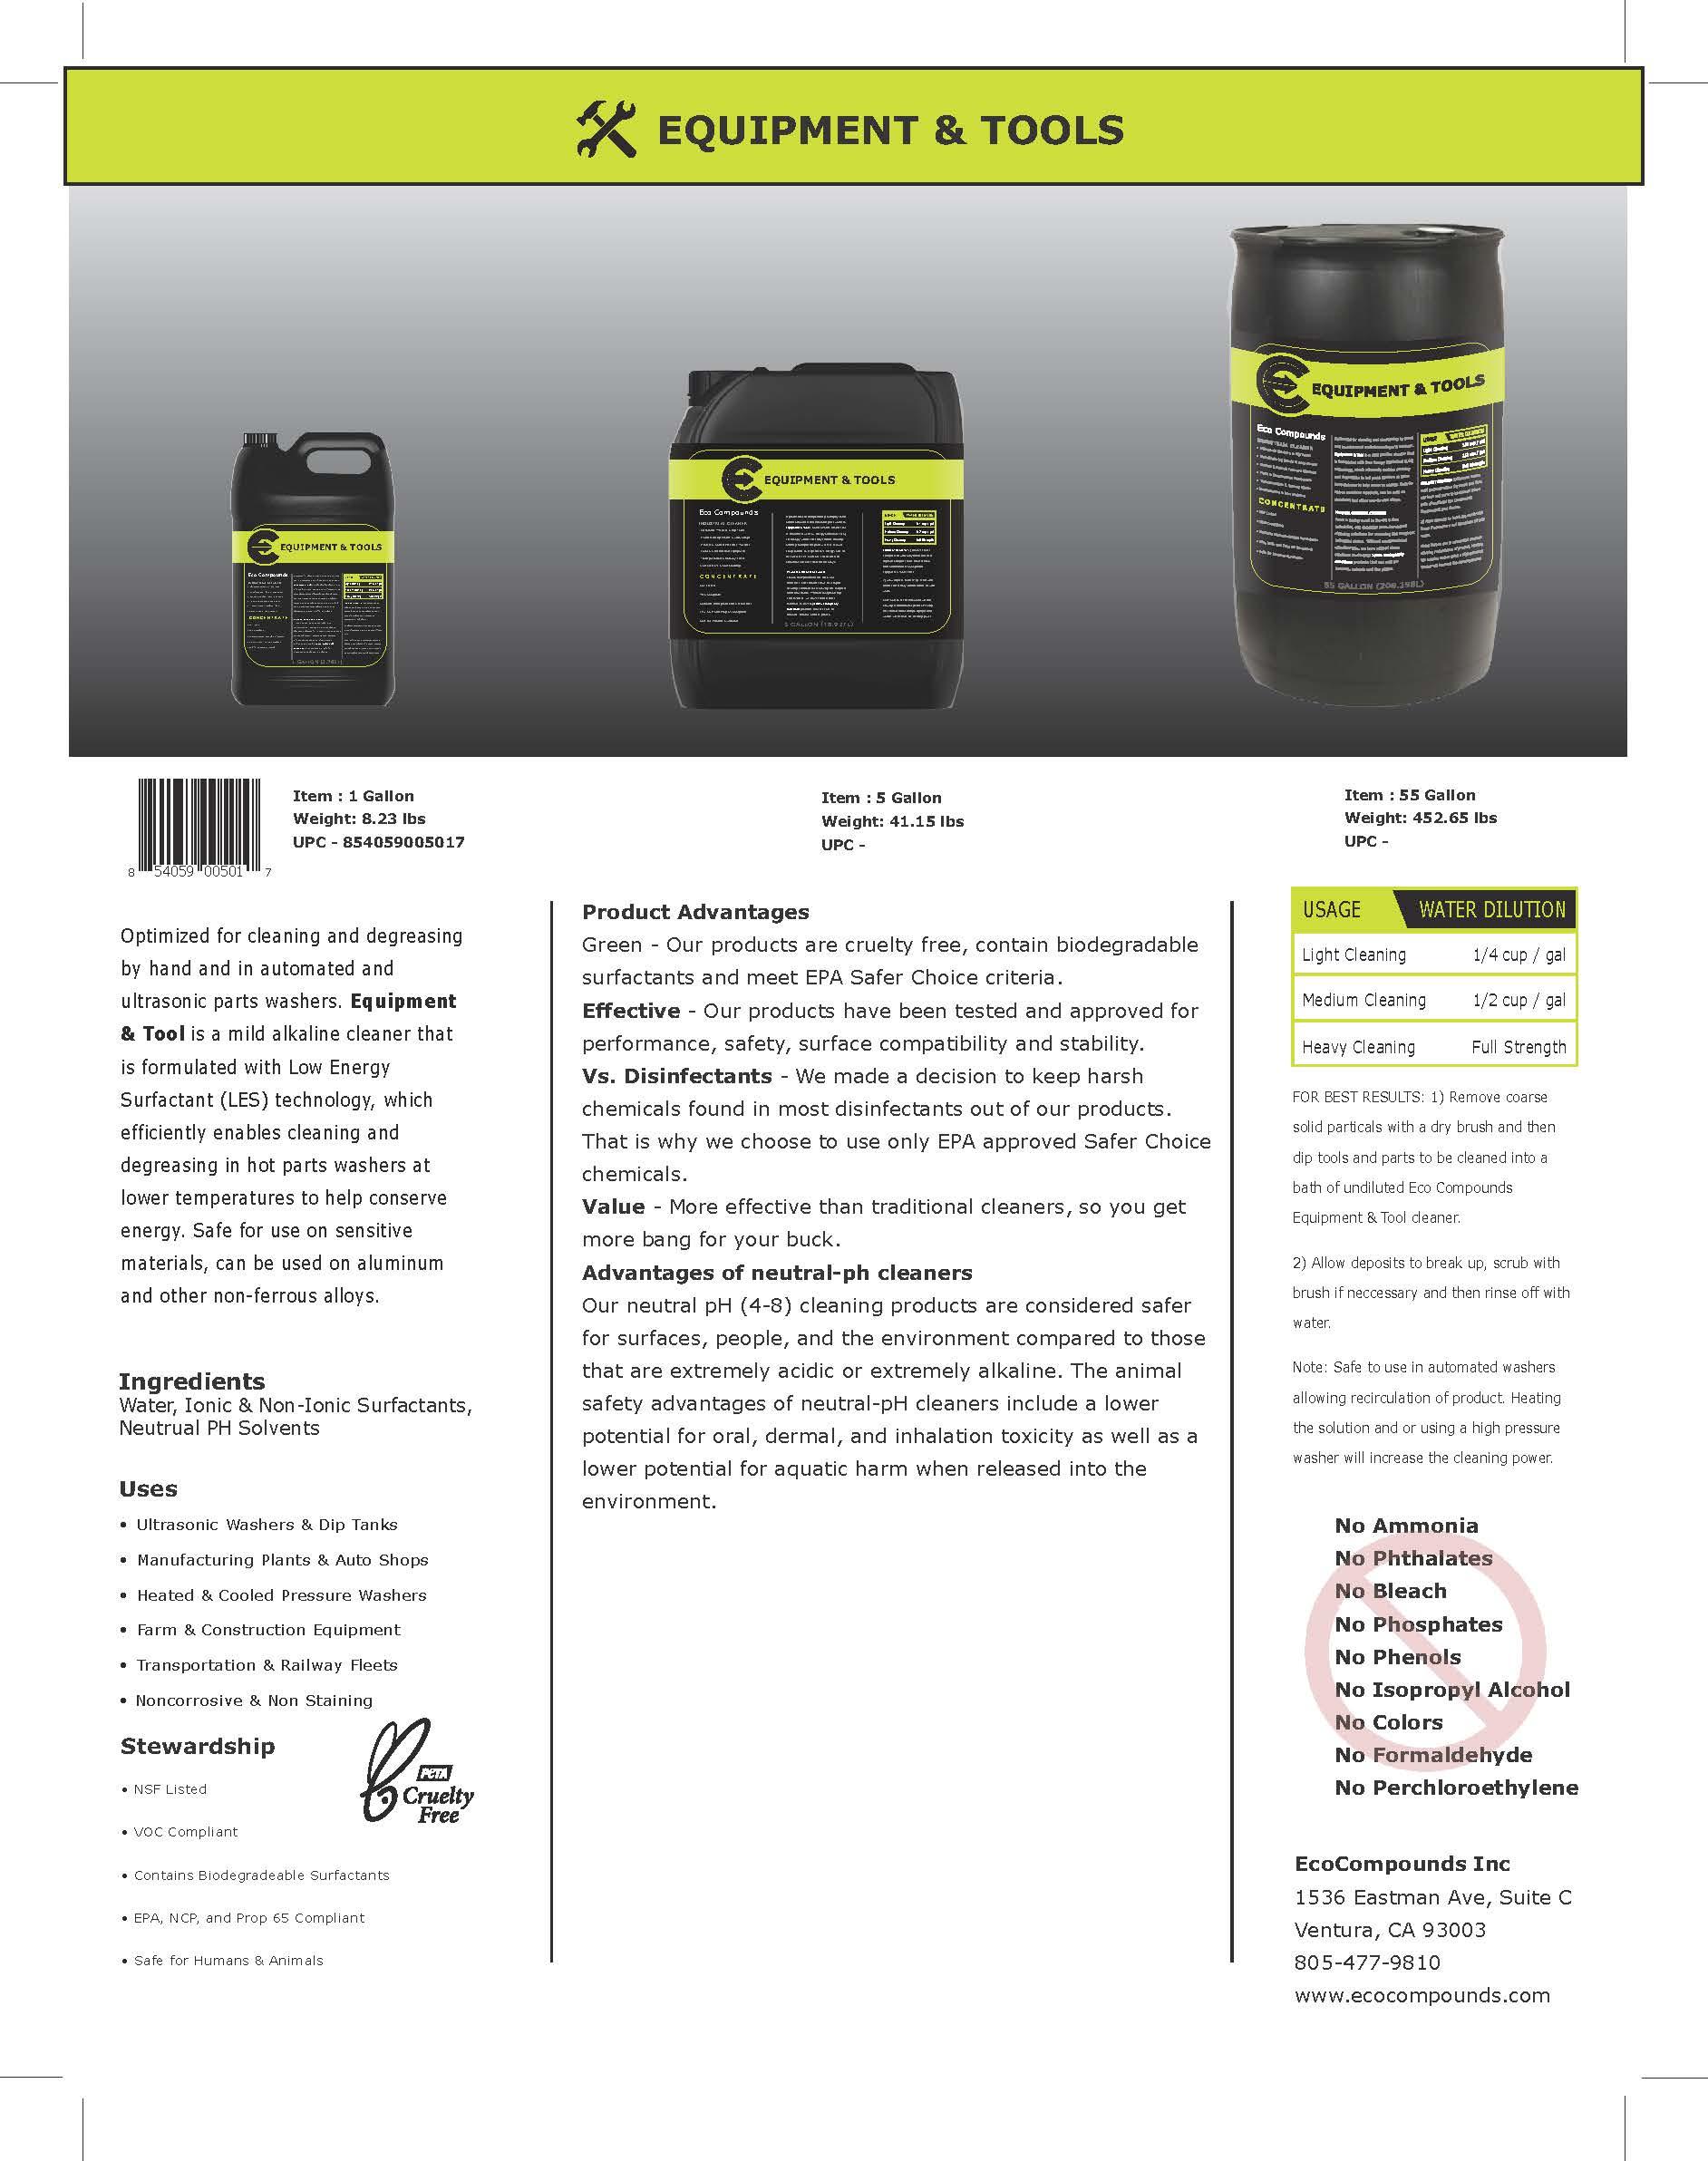 Equipment Sell Sheet.jpg